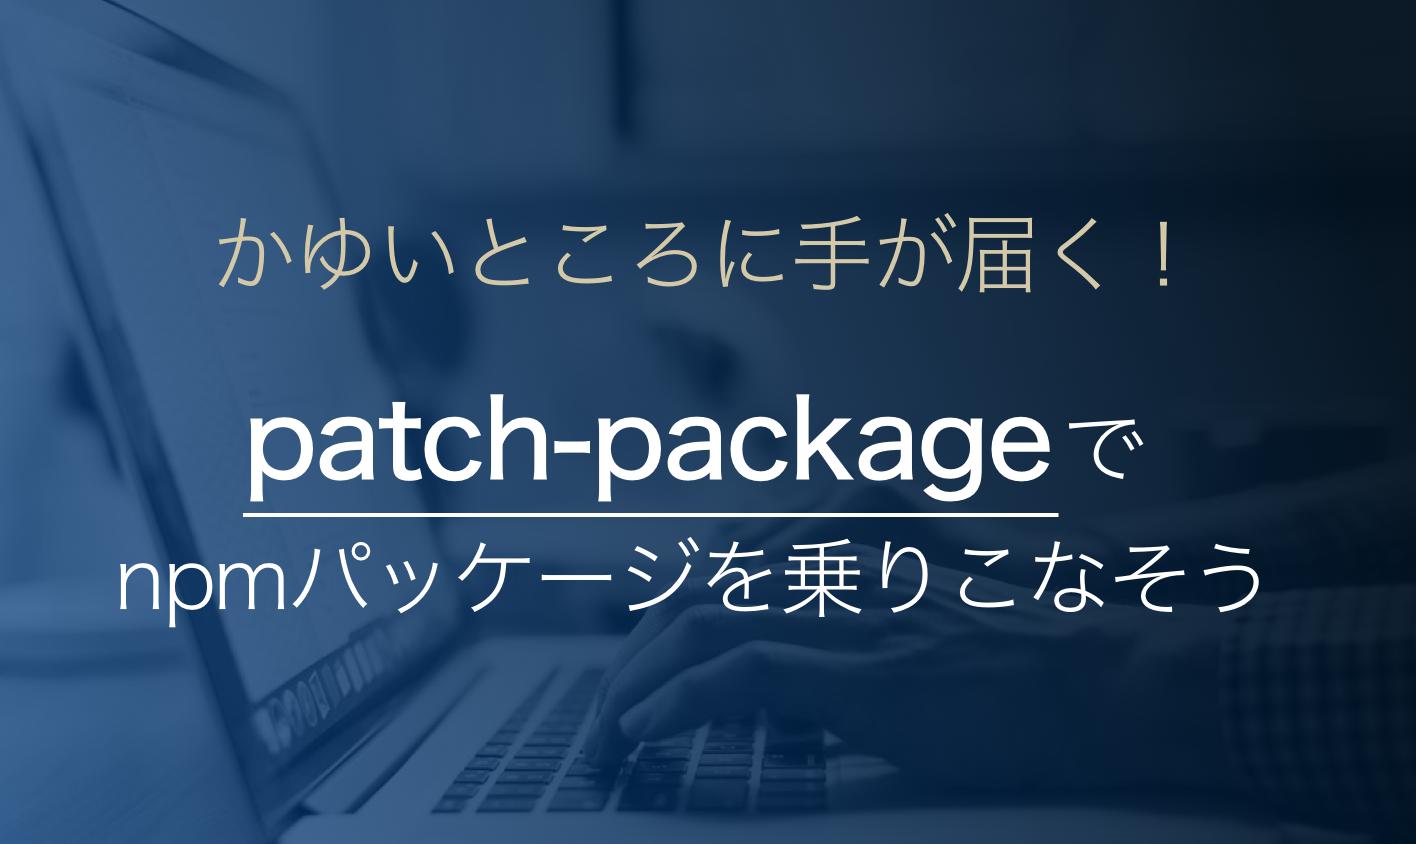 かゆいところに手が届く!patch-packageでnpmパッケージを乗りこなそう